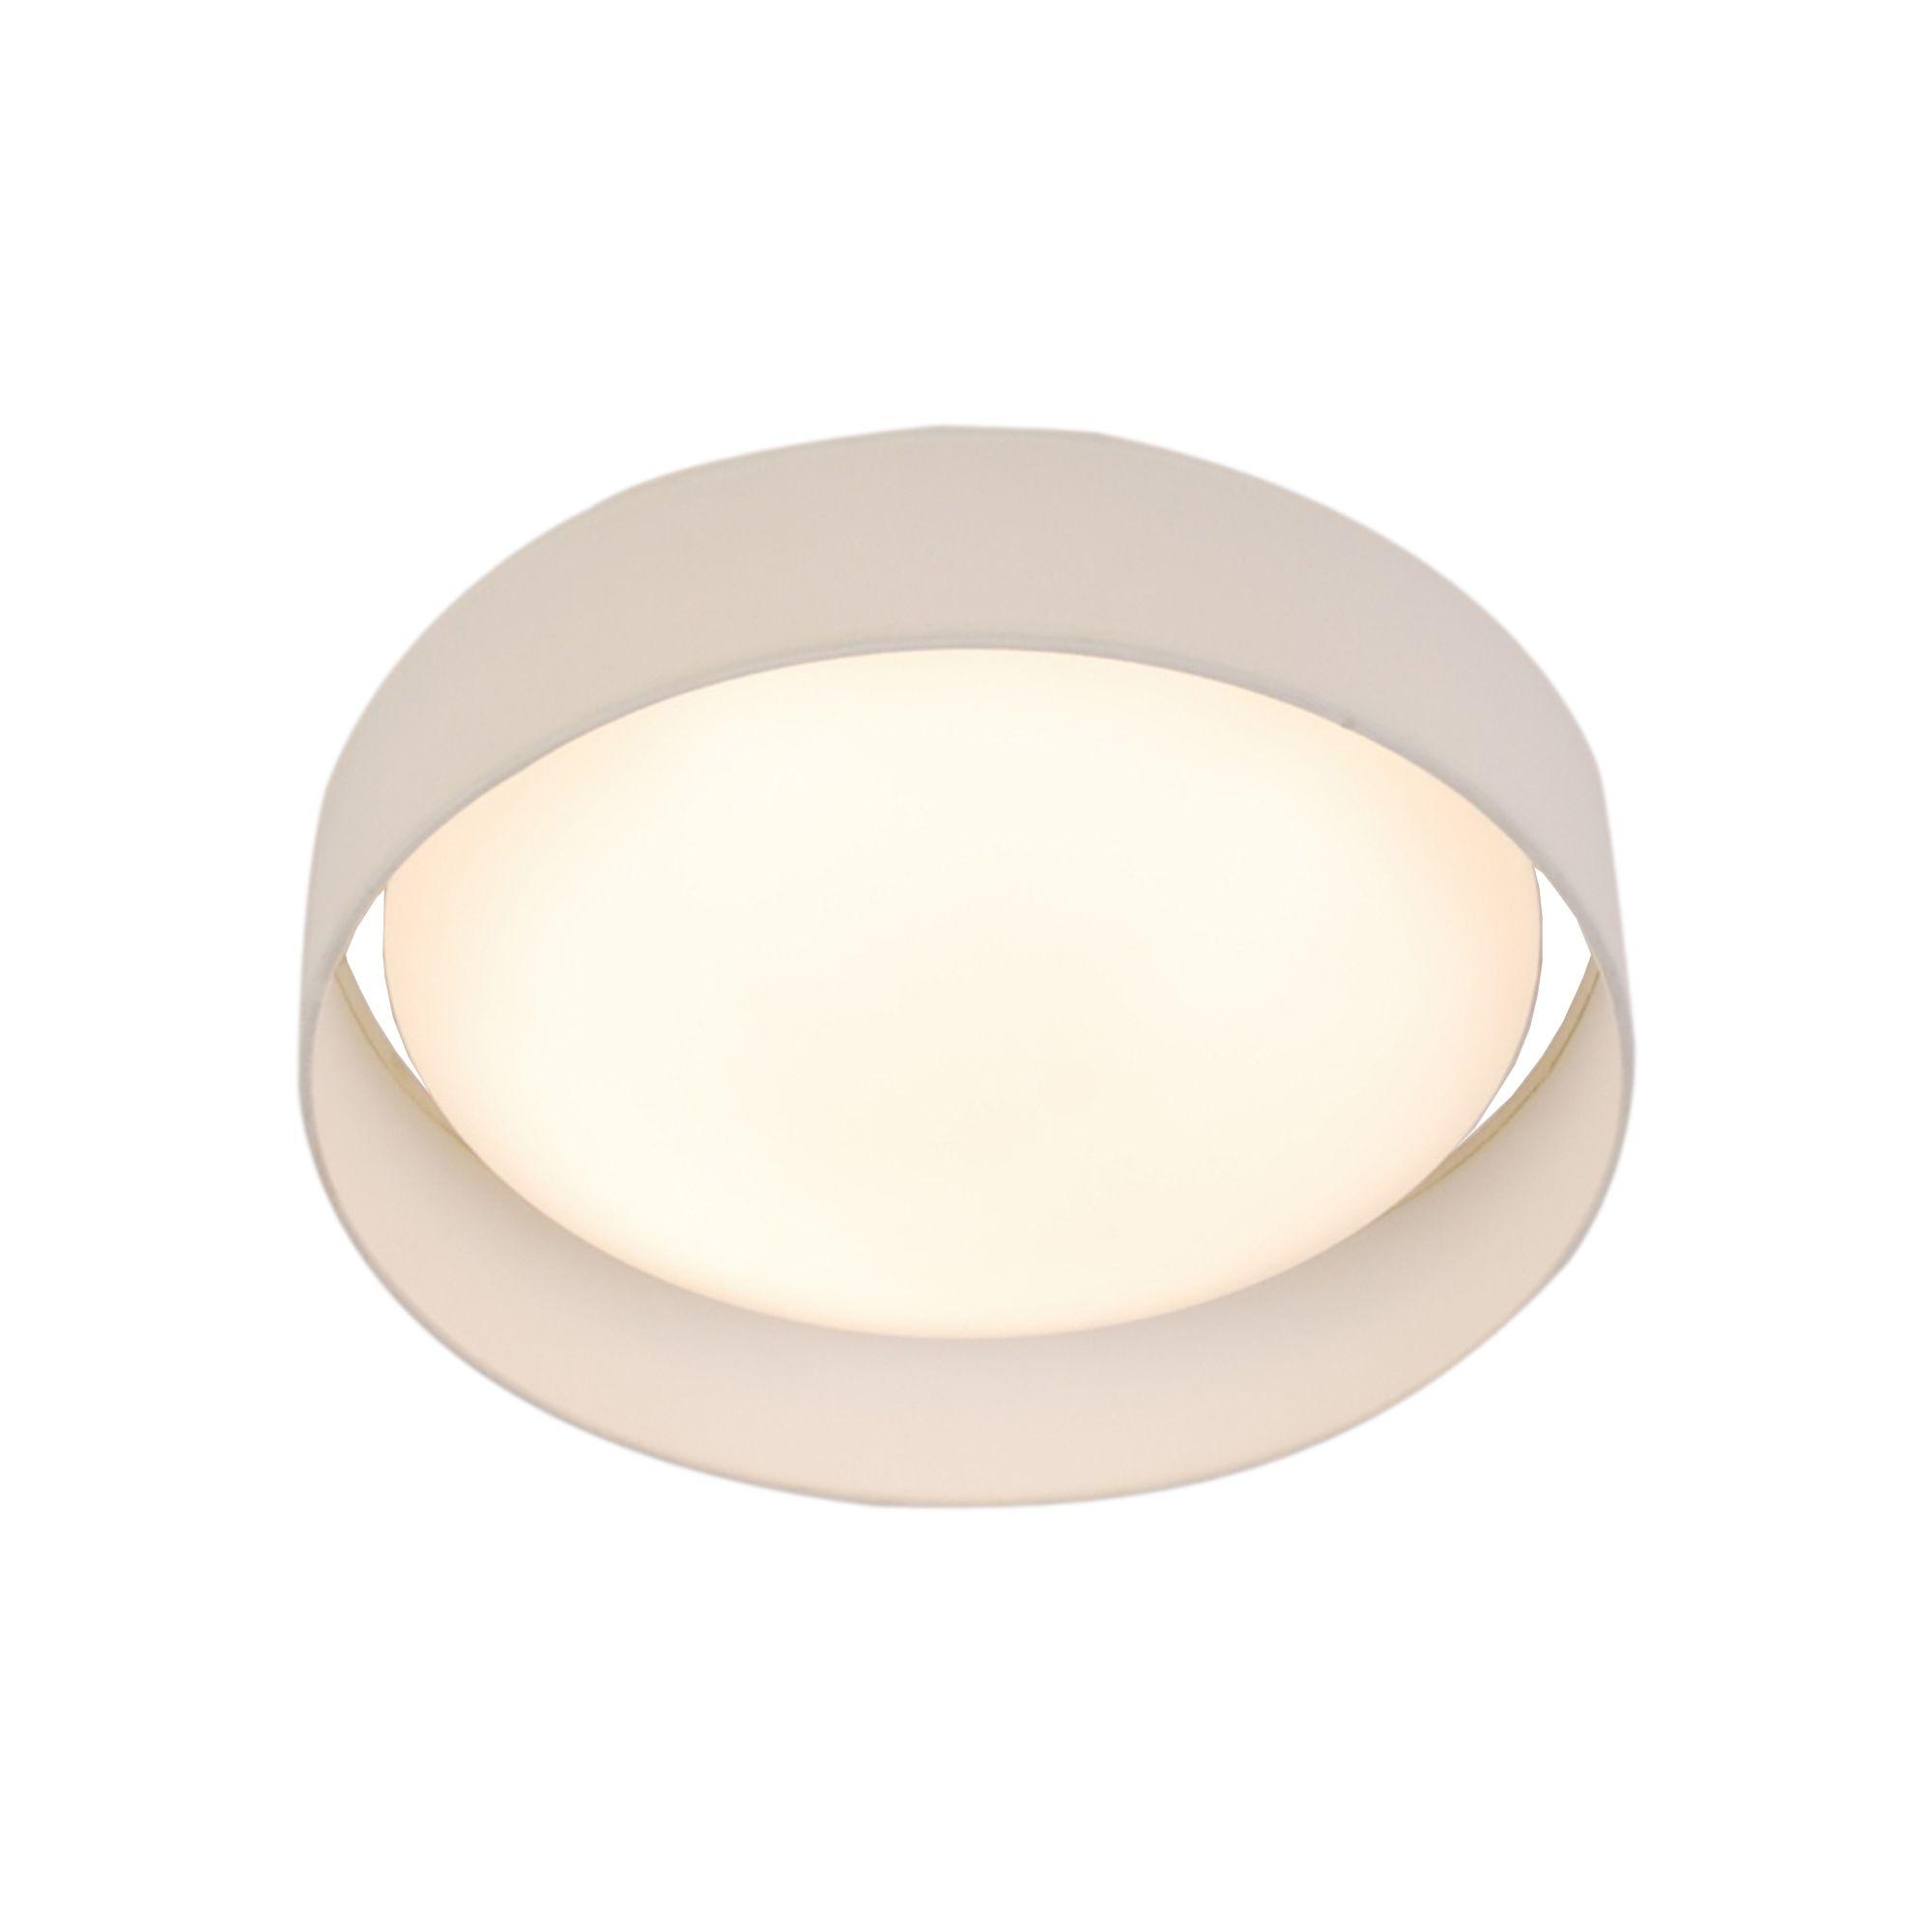 Searchlight Gianna mennyezeti lámpa